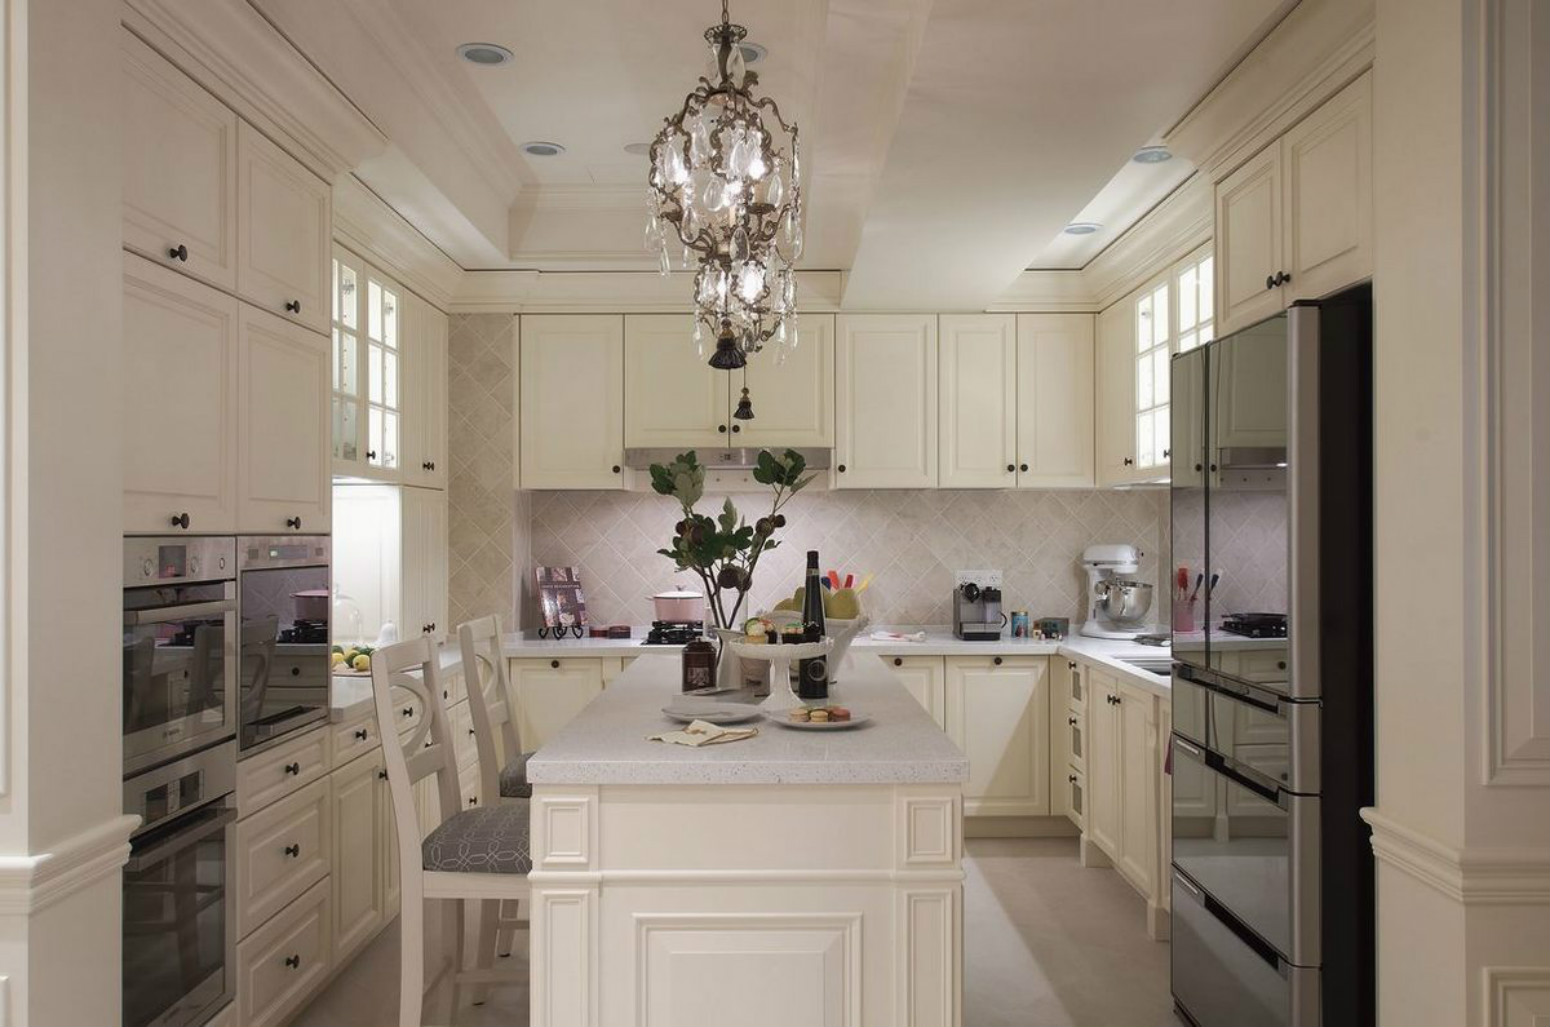 开放式厨房设计,空间没有显得拥挤而是敞亮干净。